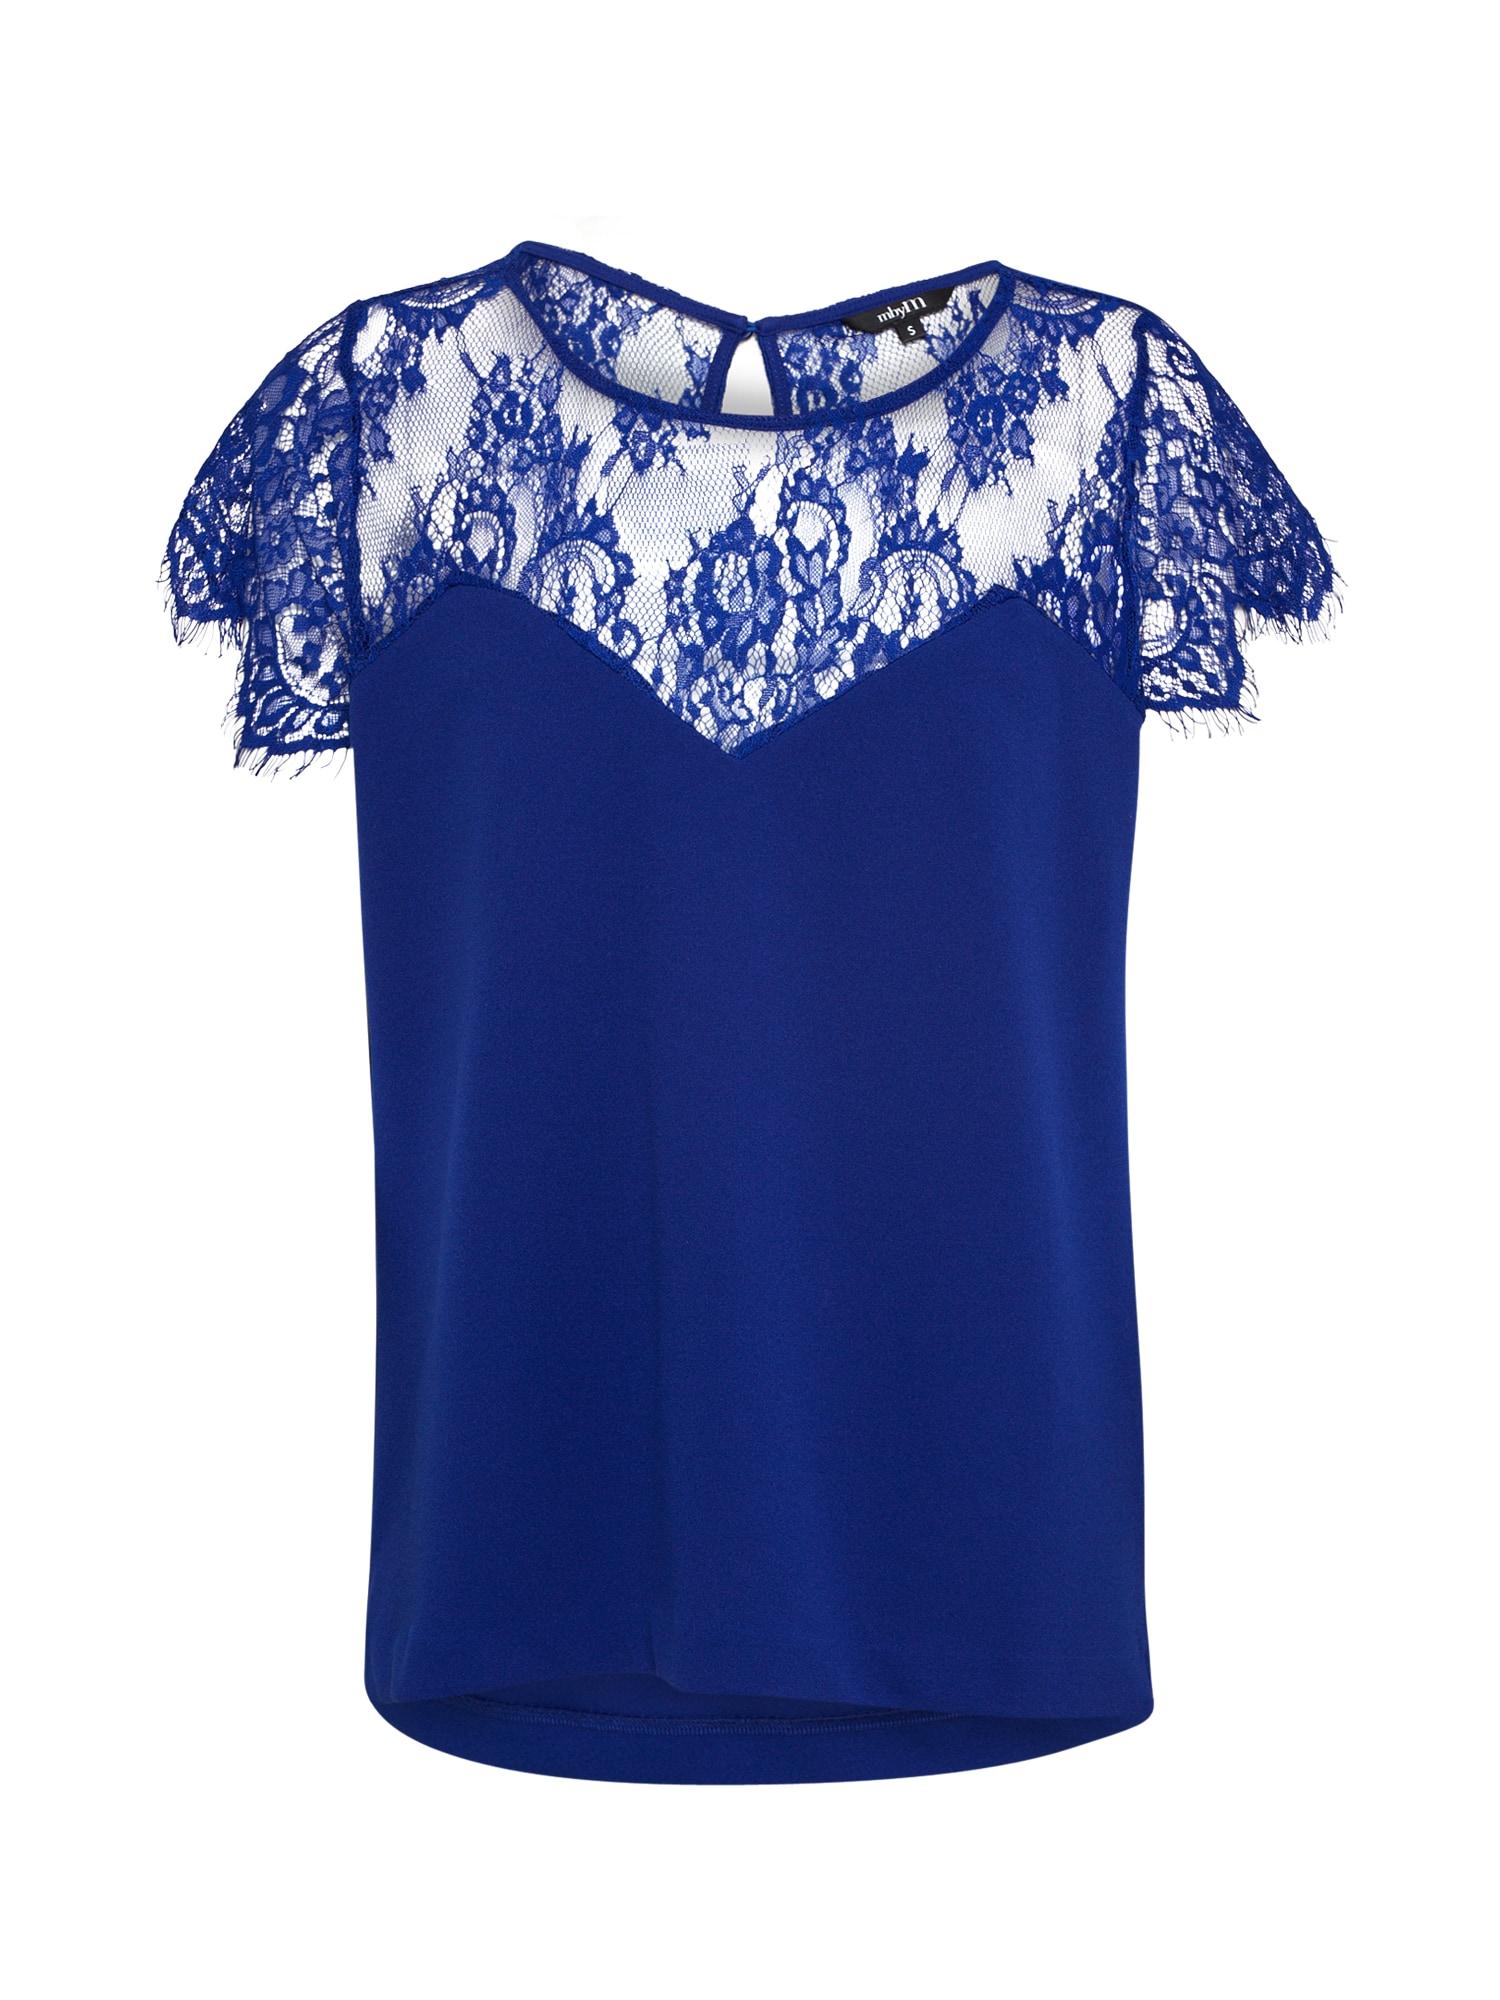 Mbym, Dames Shirt 'Kiko Mysha', royal blue/koningsblauw